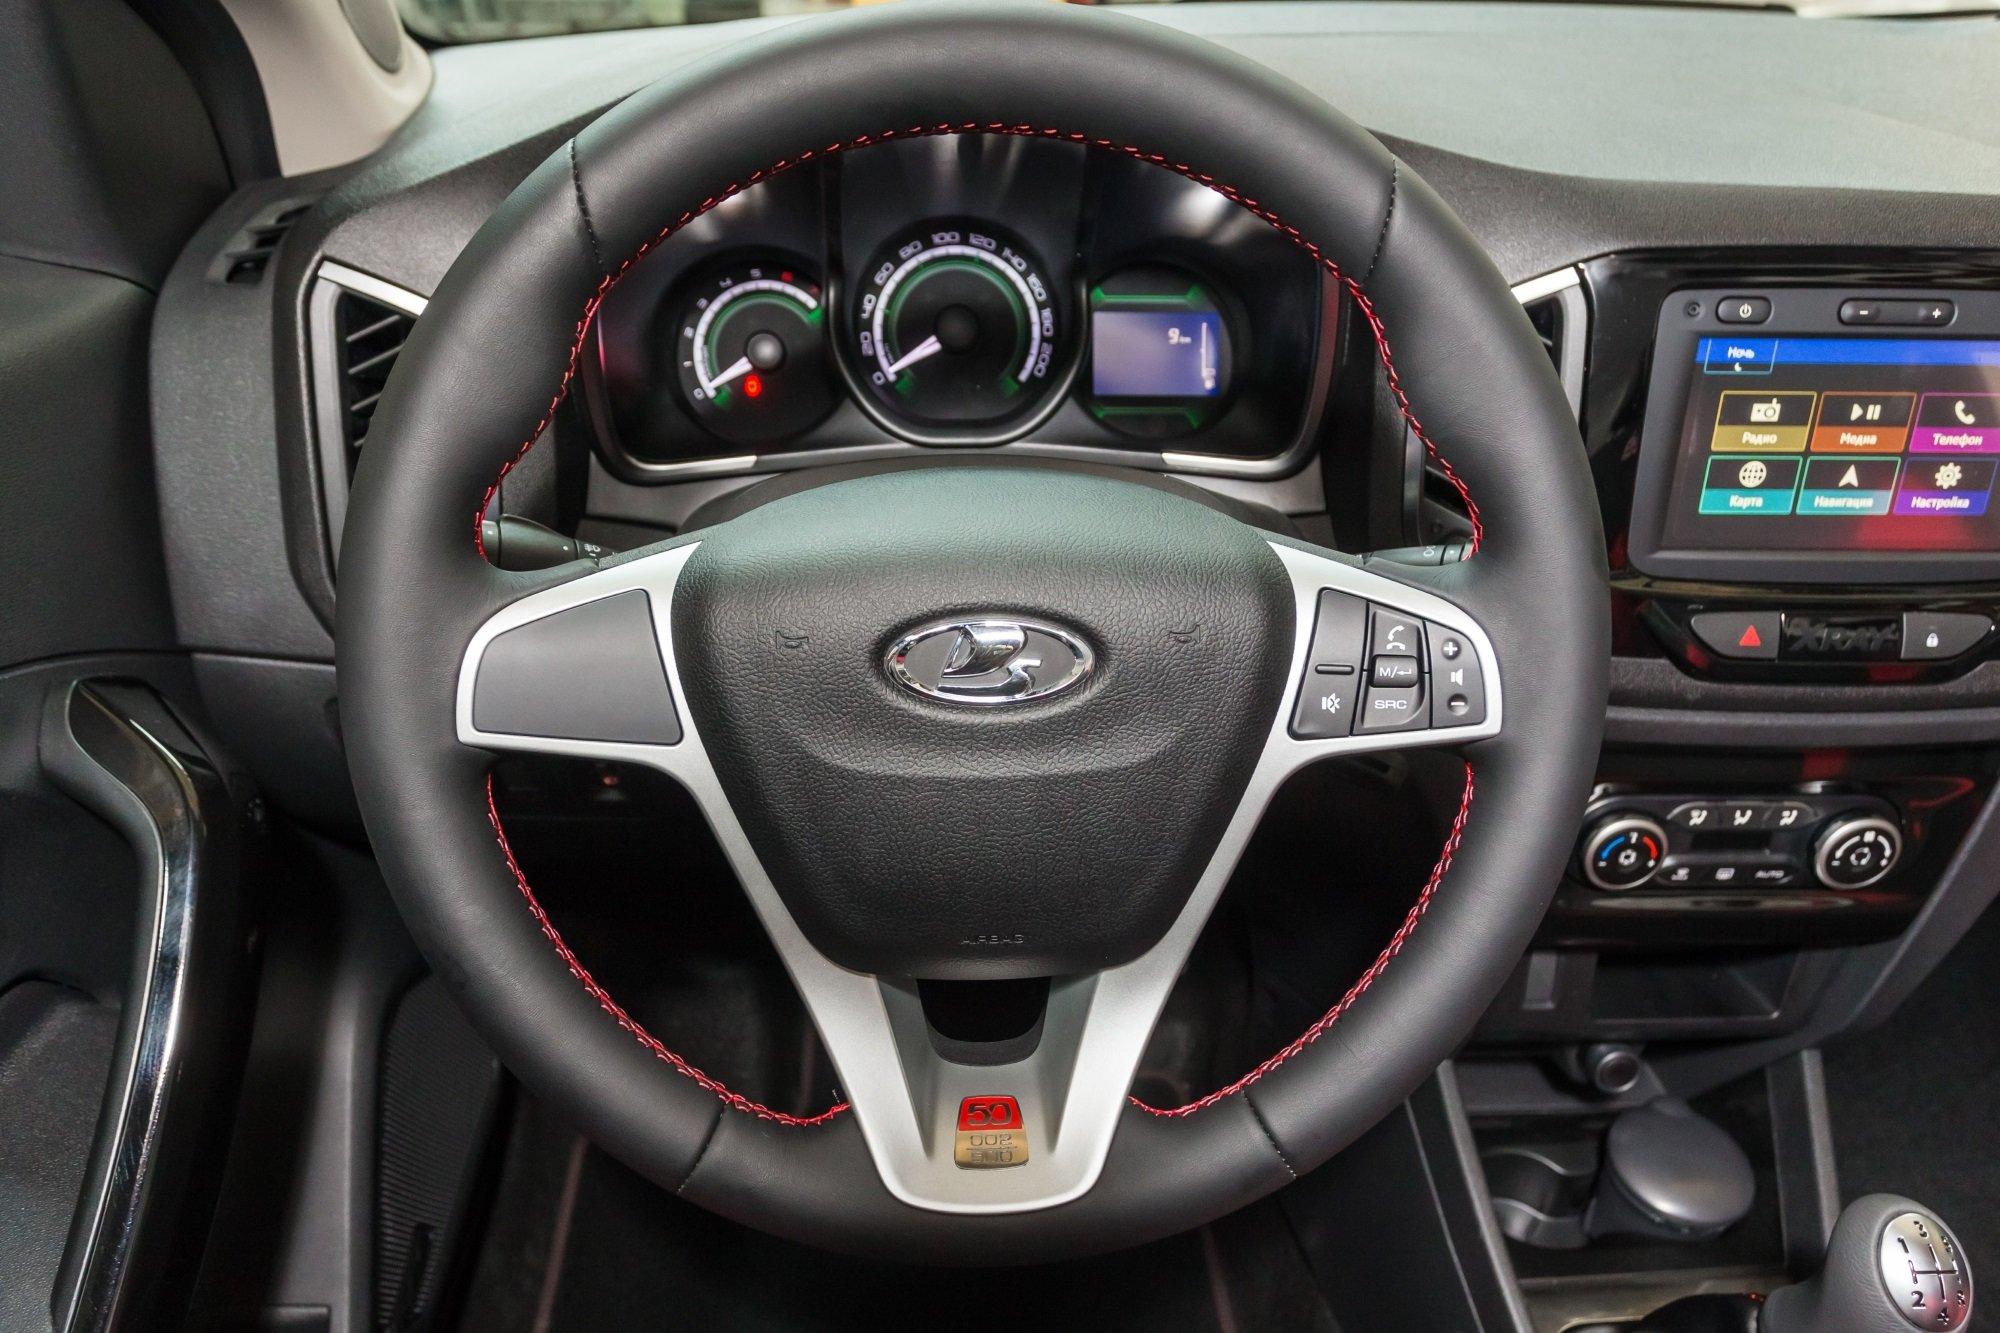 Lada XRAY снова попала под отзыв из-за рулевого управления